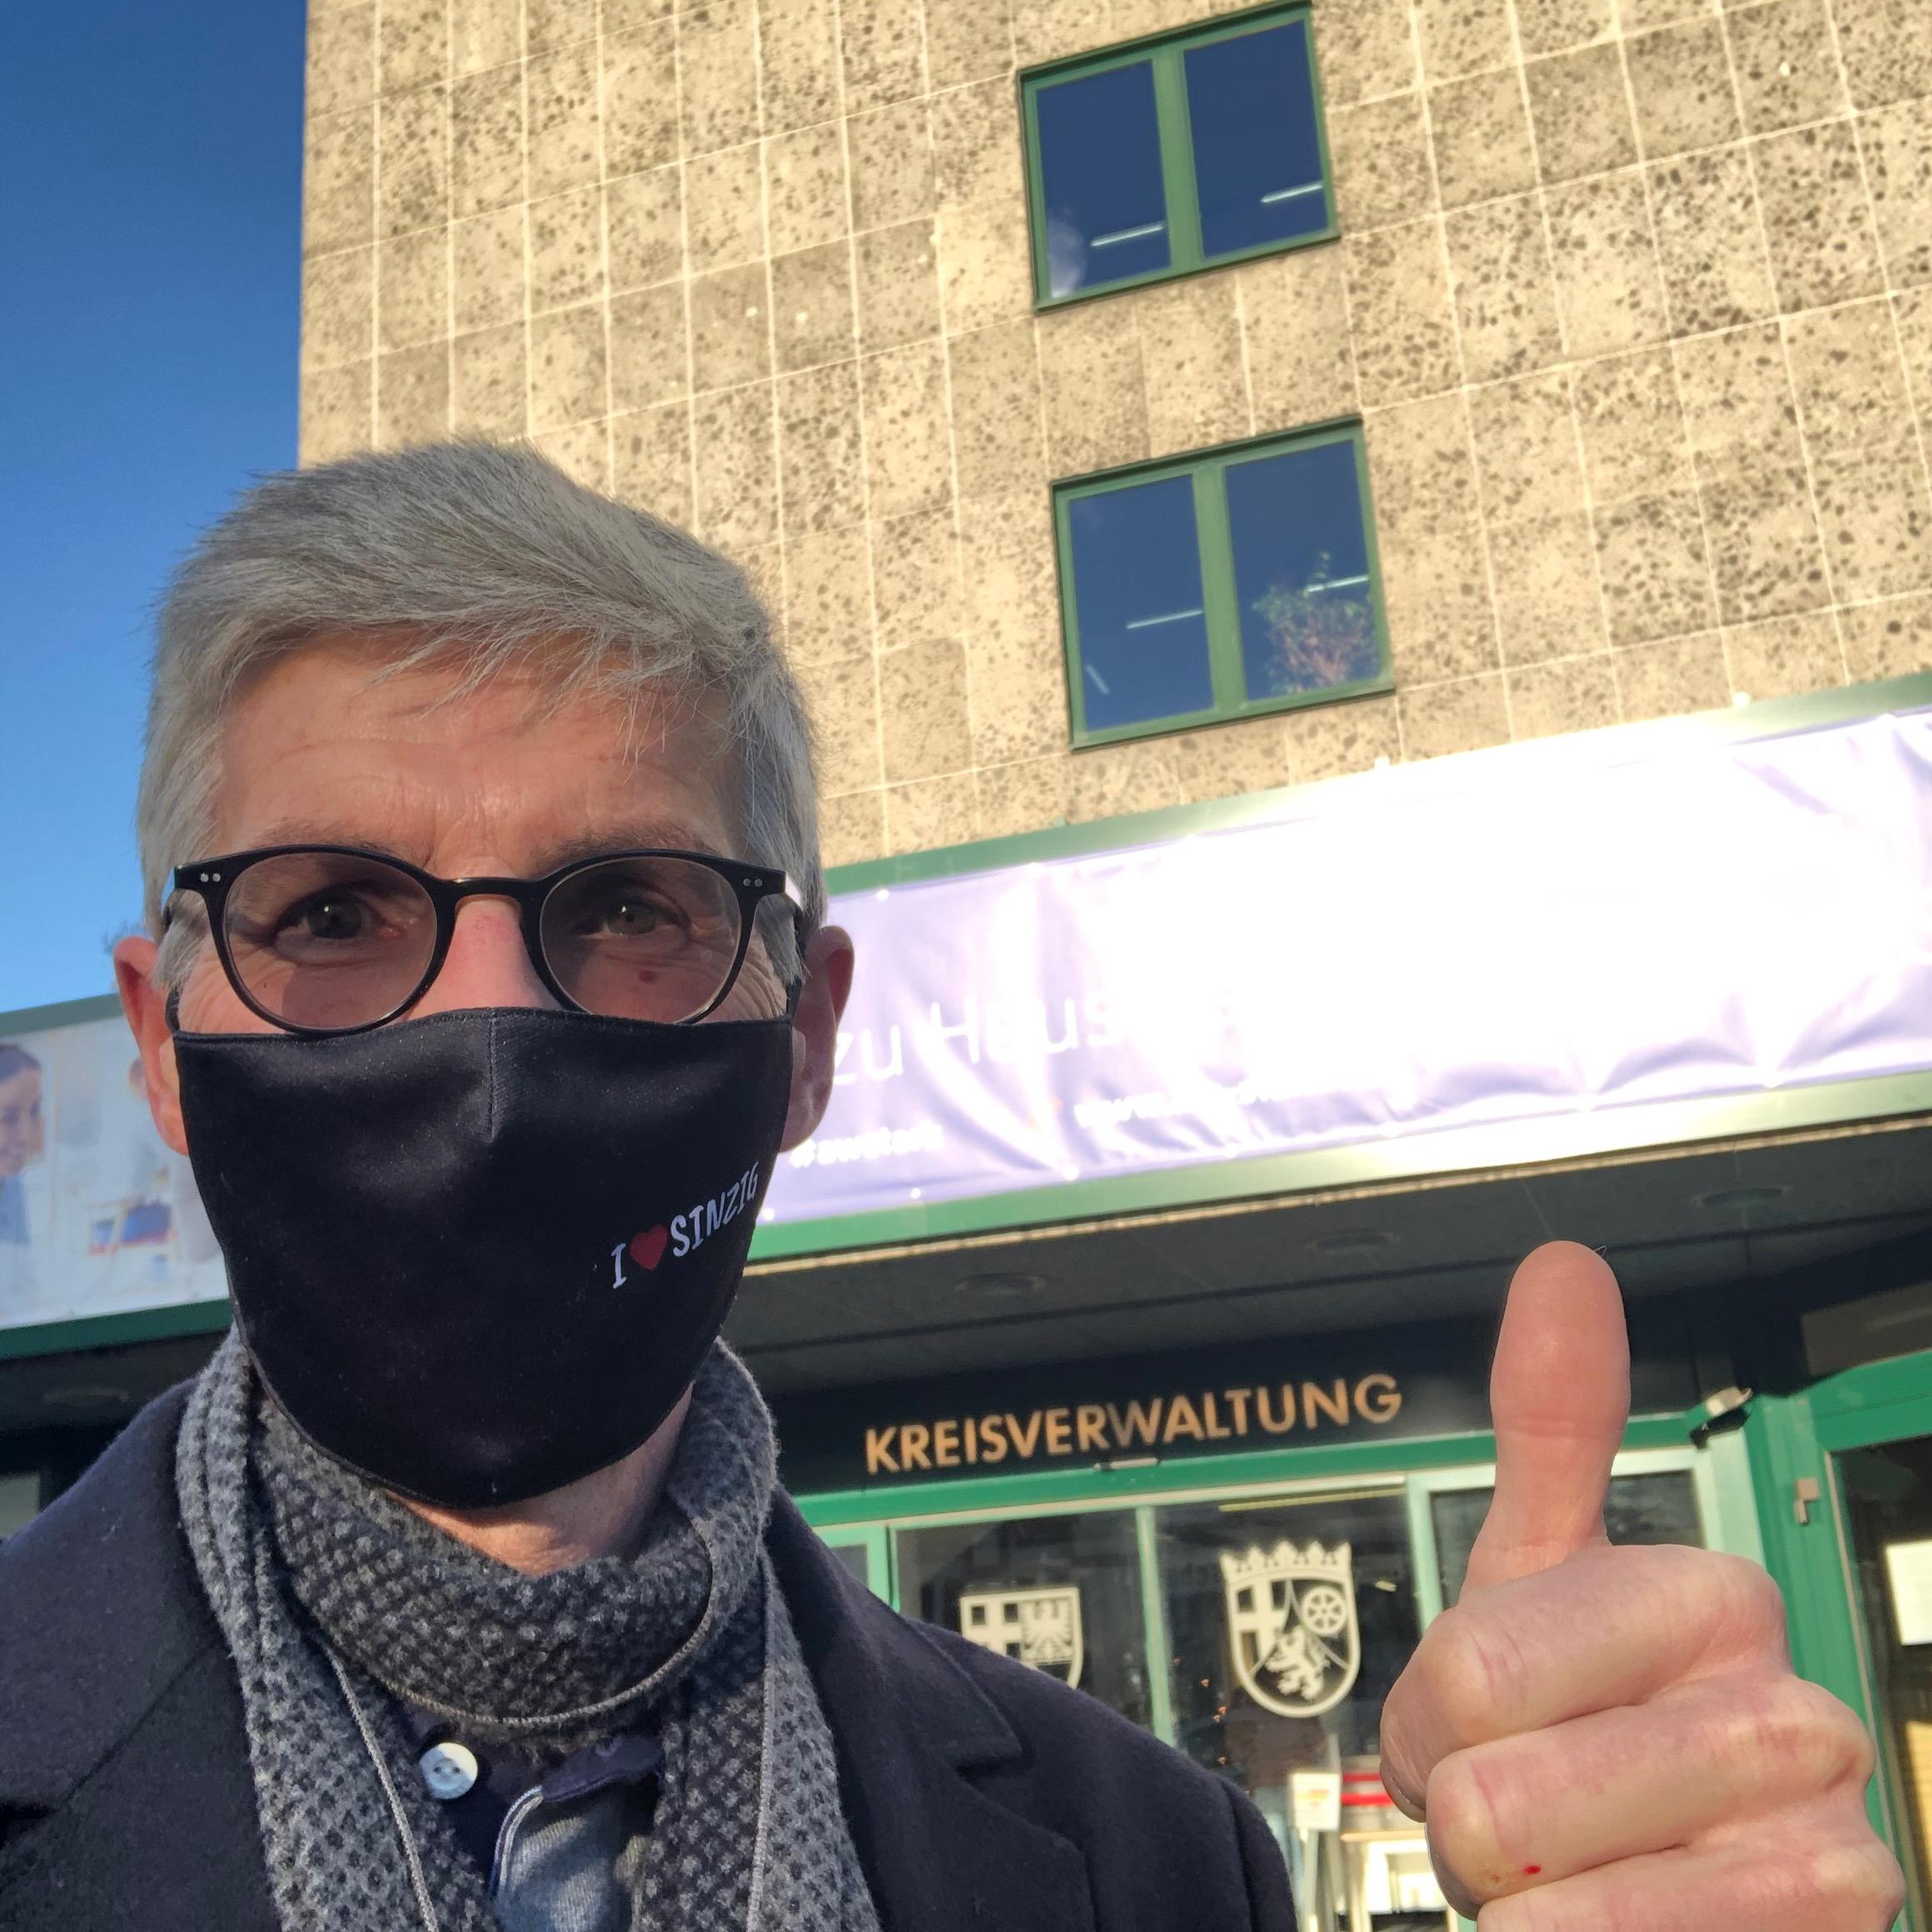 Landtagskandidat Reiner Friedsam reicht Wahlunterlagenbei Kreisverwaltung